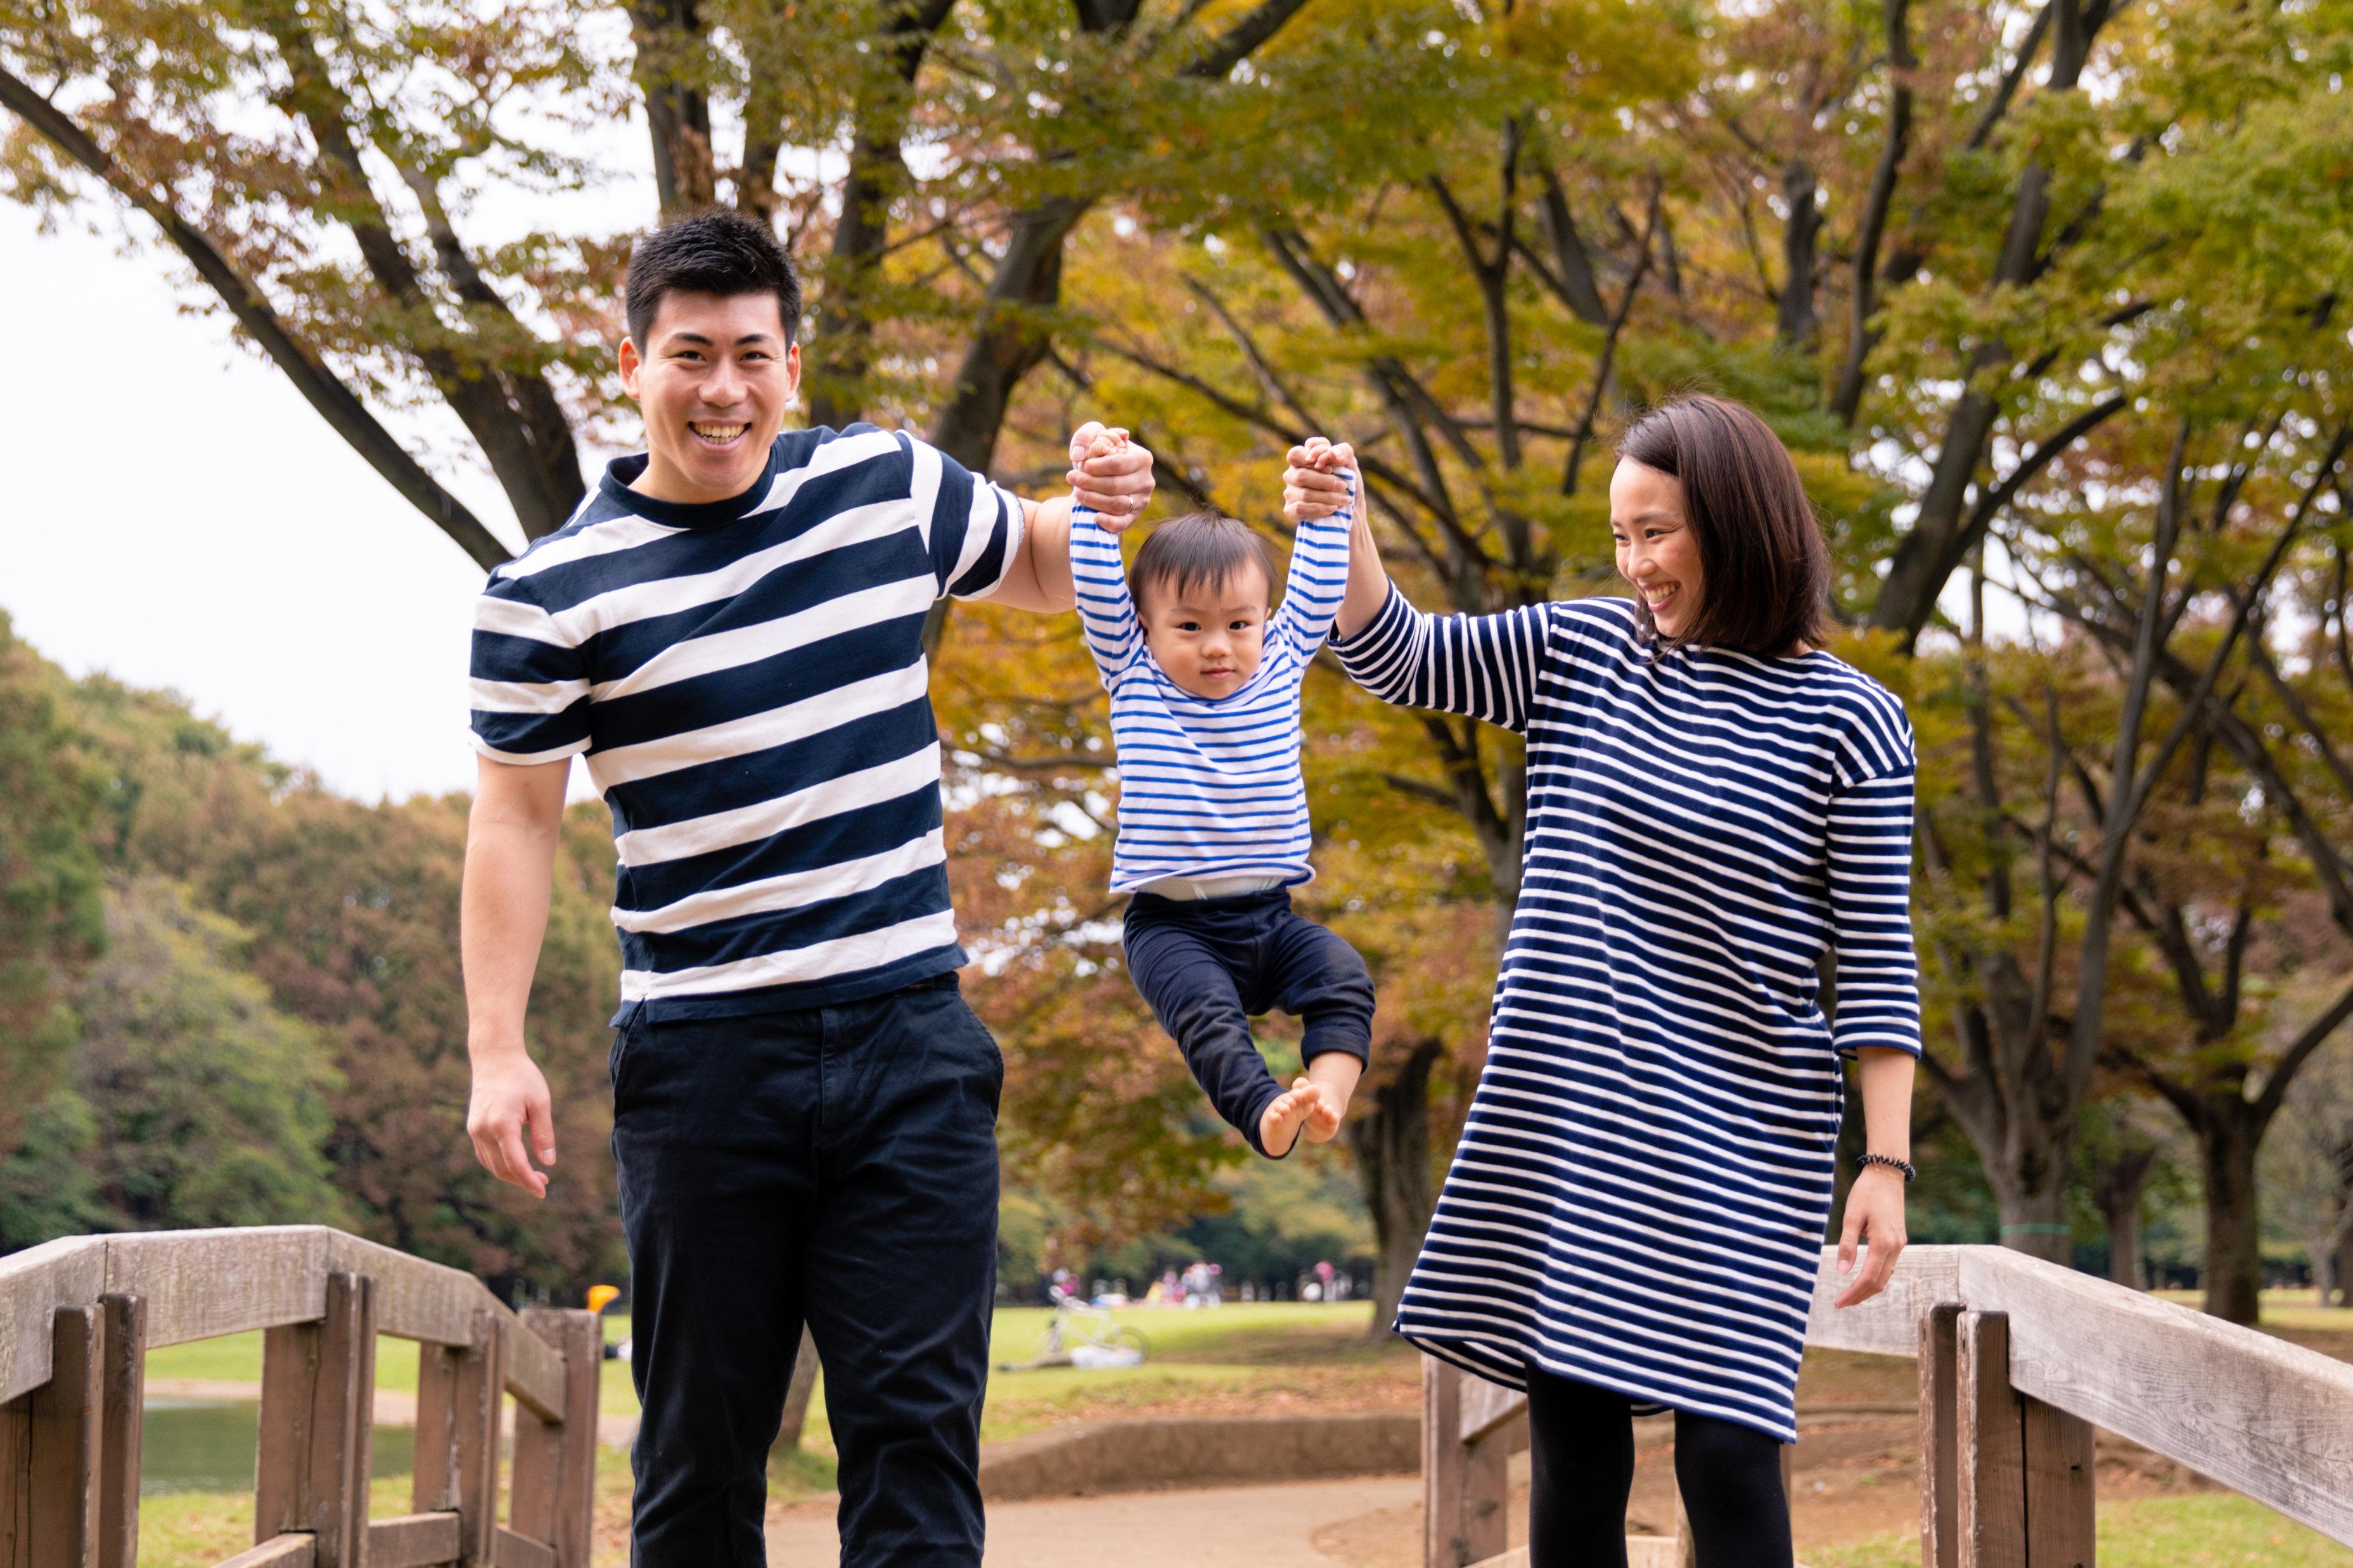 일본도 지금 남성의 출산휴가 '의무화'를 고민하고